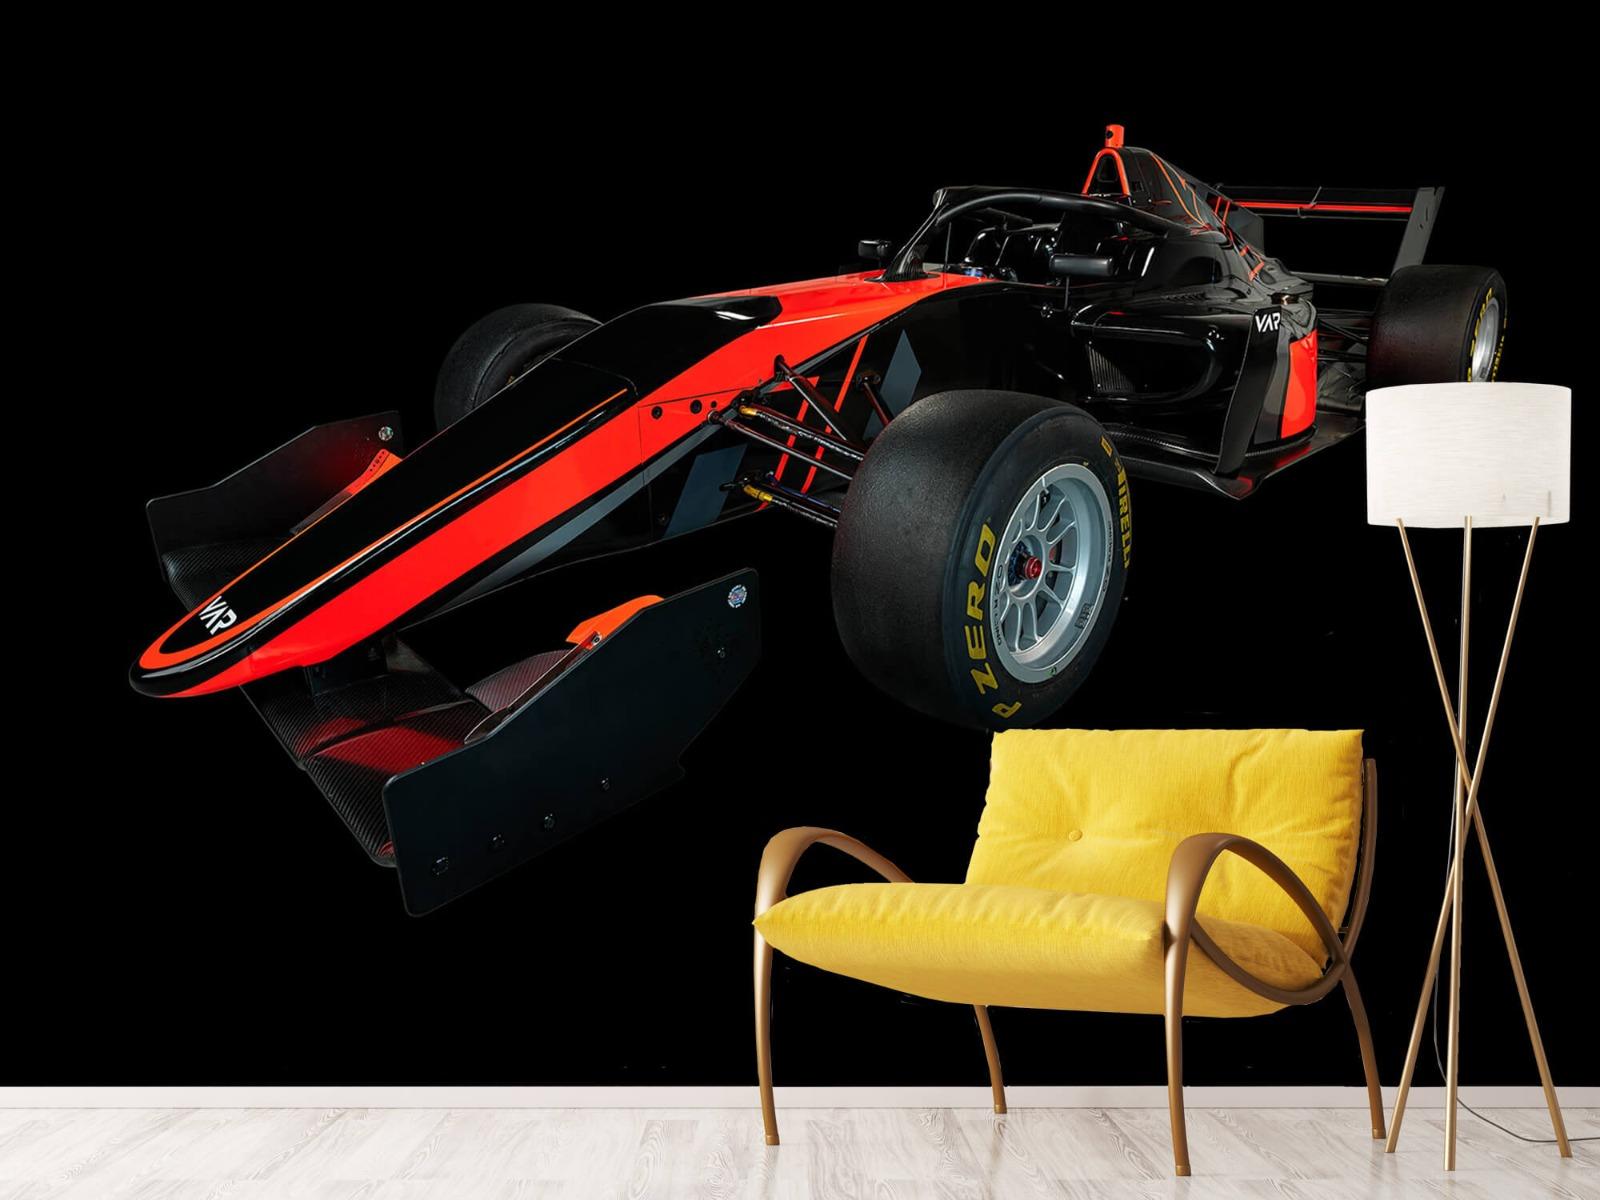 Sportauto's - Formule 3 - Left front view - dark - Vergaderruimte 10